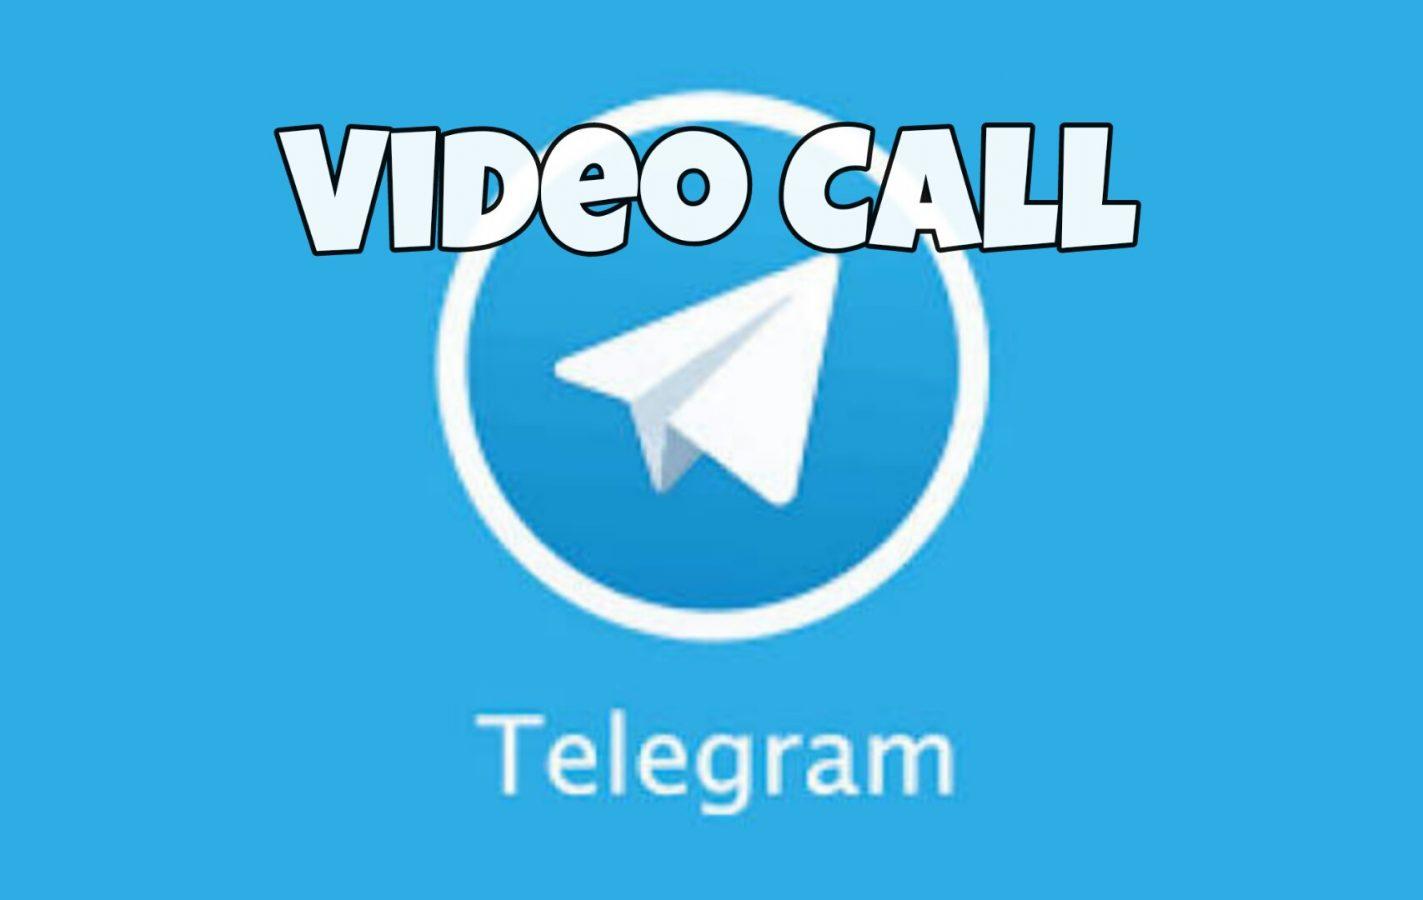 Cara mengaktifkan Video Call di Telegram